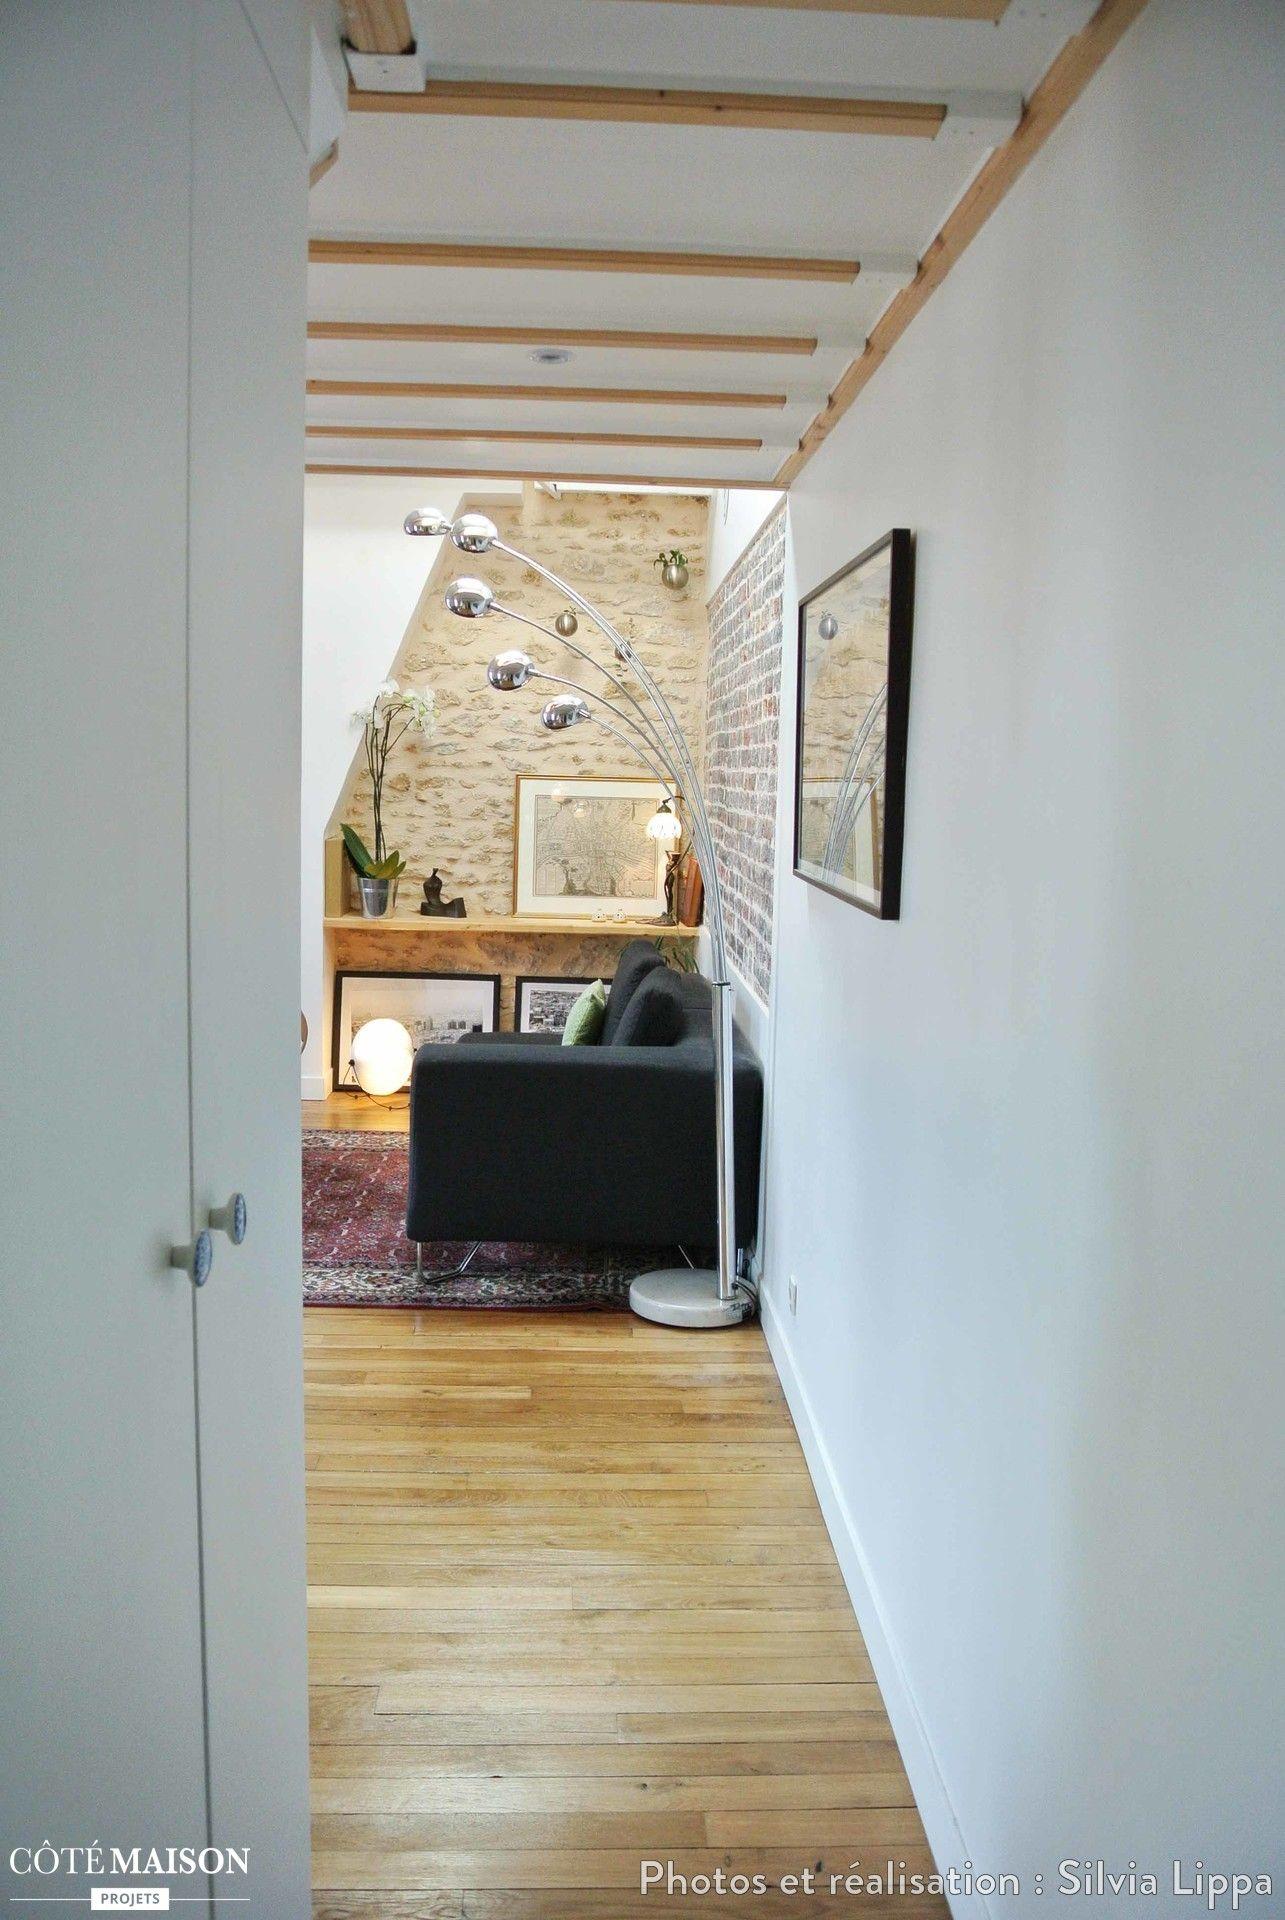 Les poutres apparantes et l'univers du salon au bout suffit pour aménagé ce couloir.